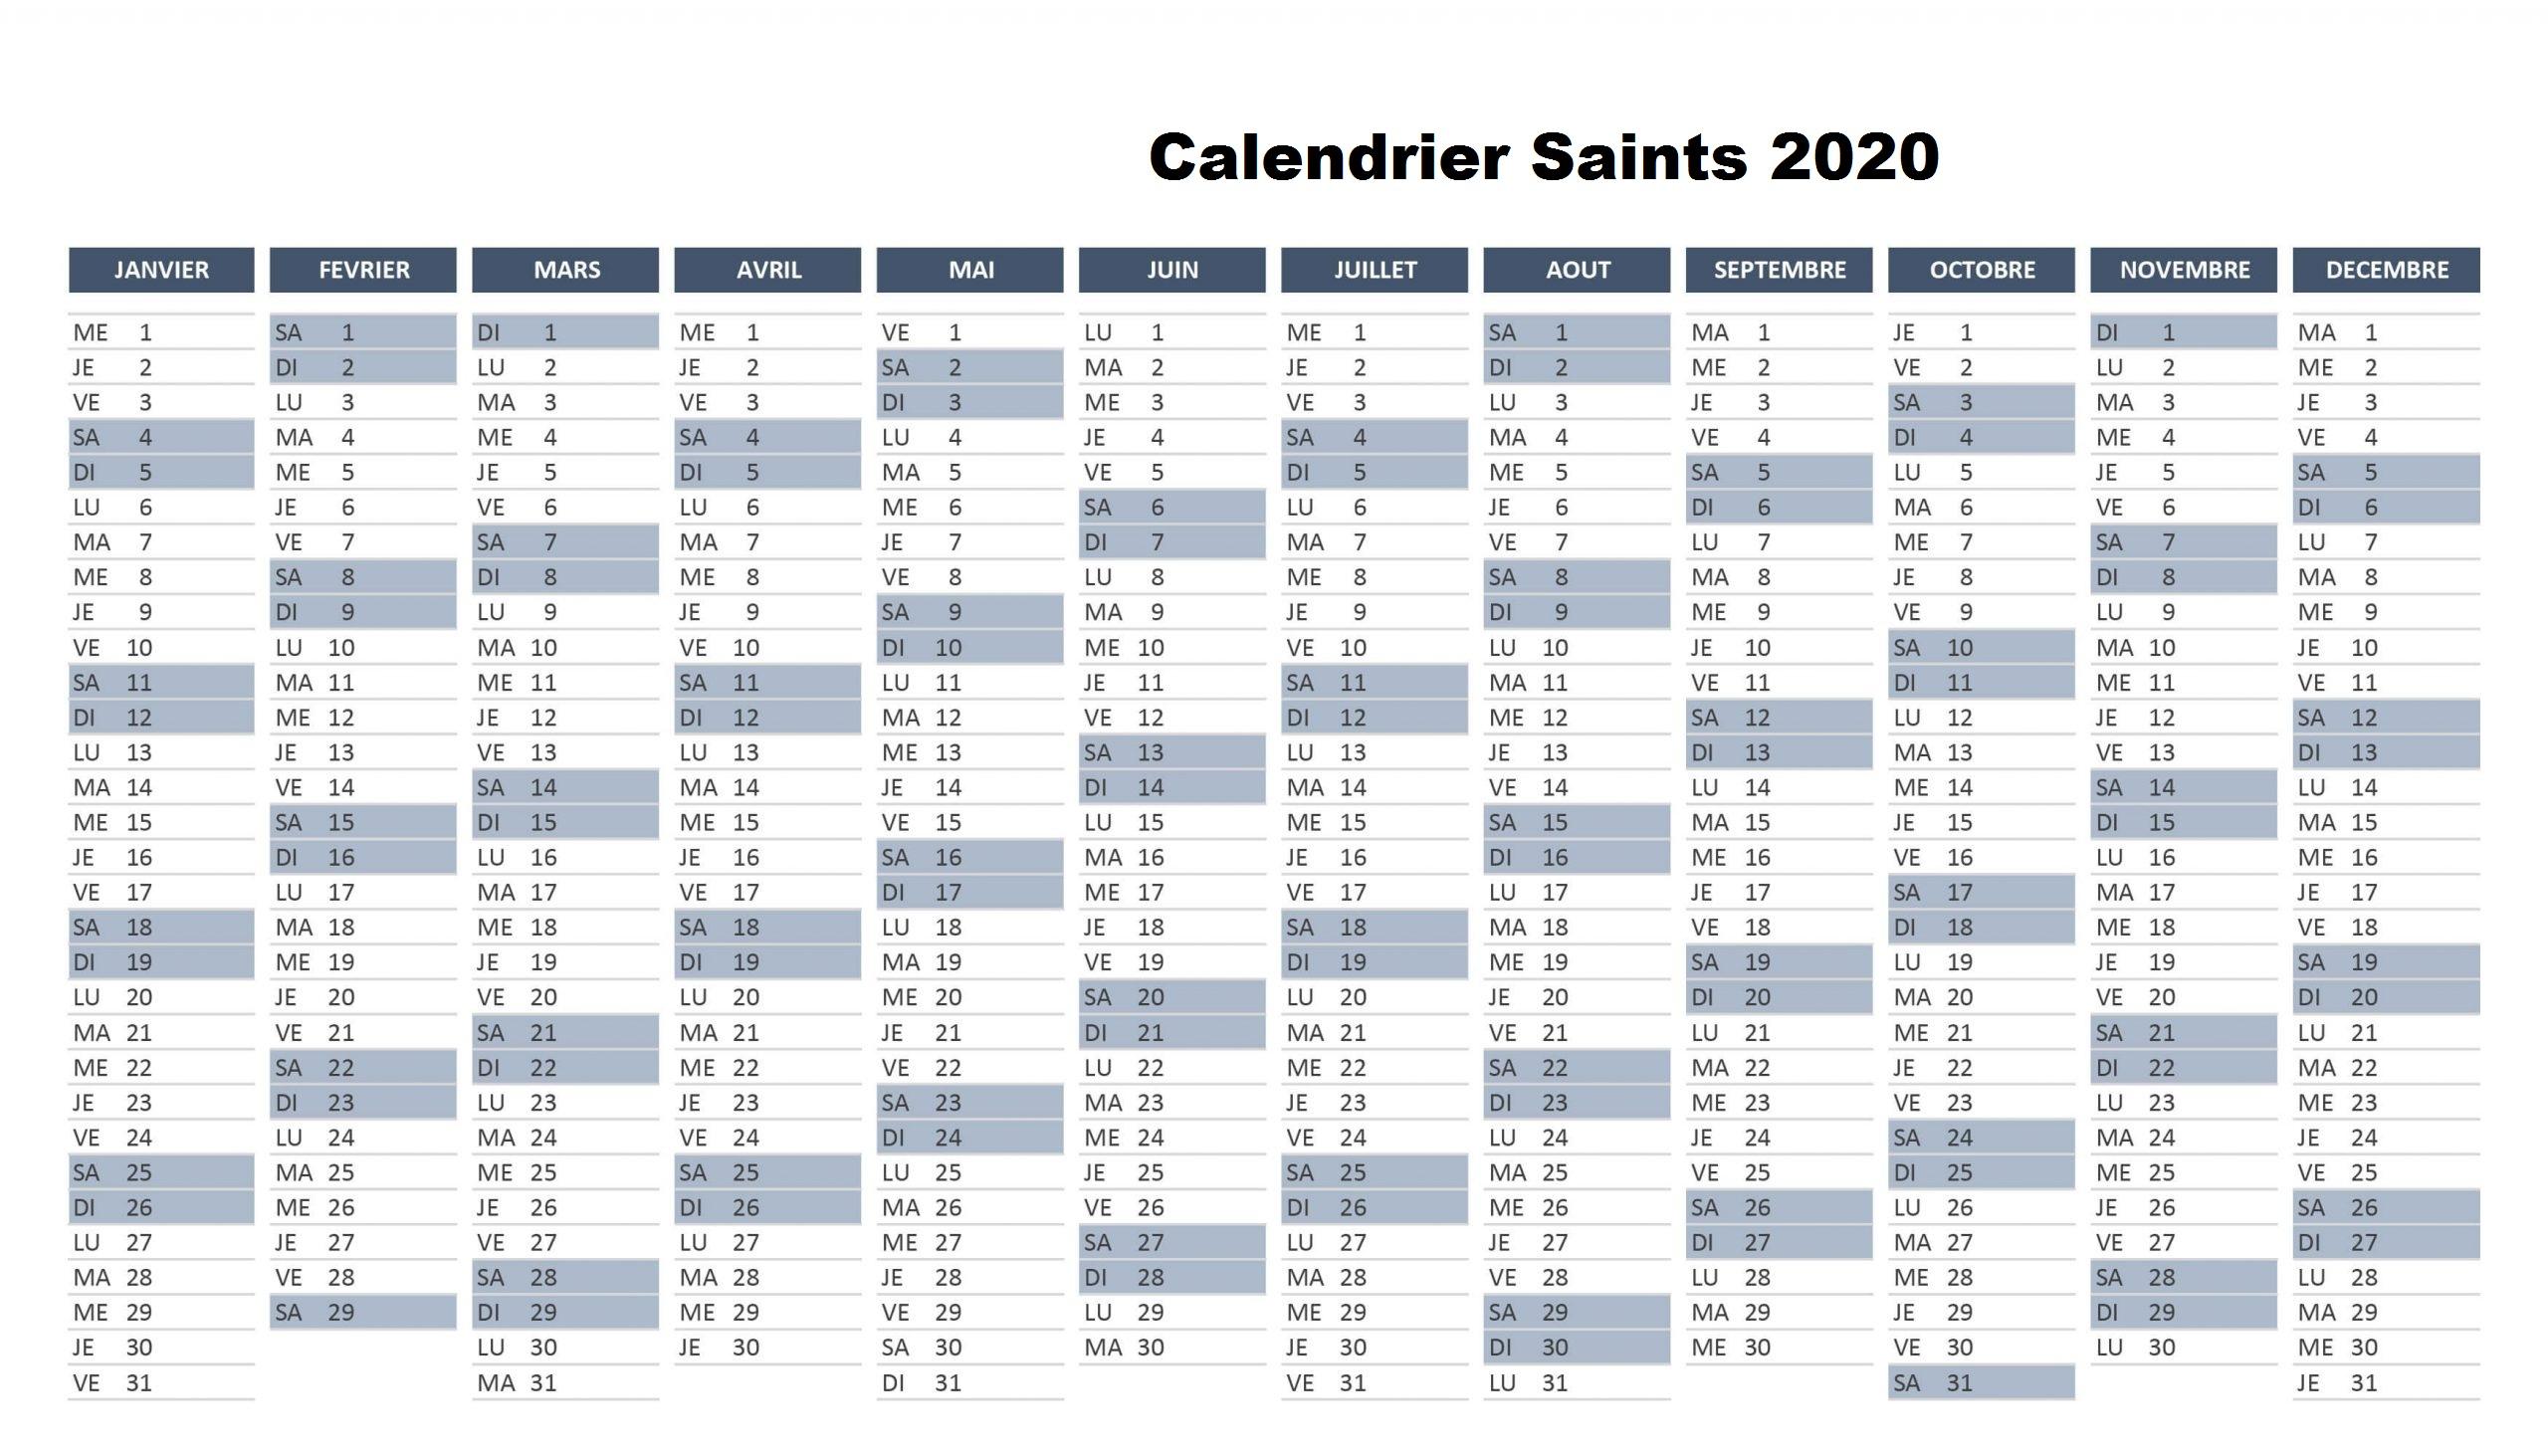 Calendrier Des Saints 2020 Bretons